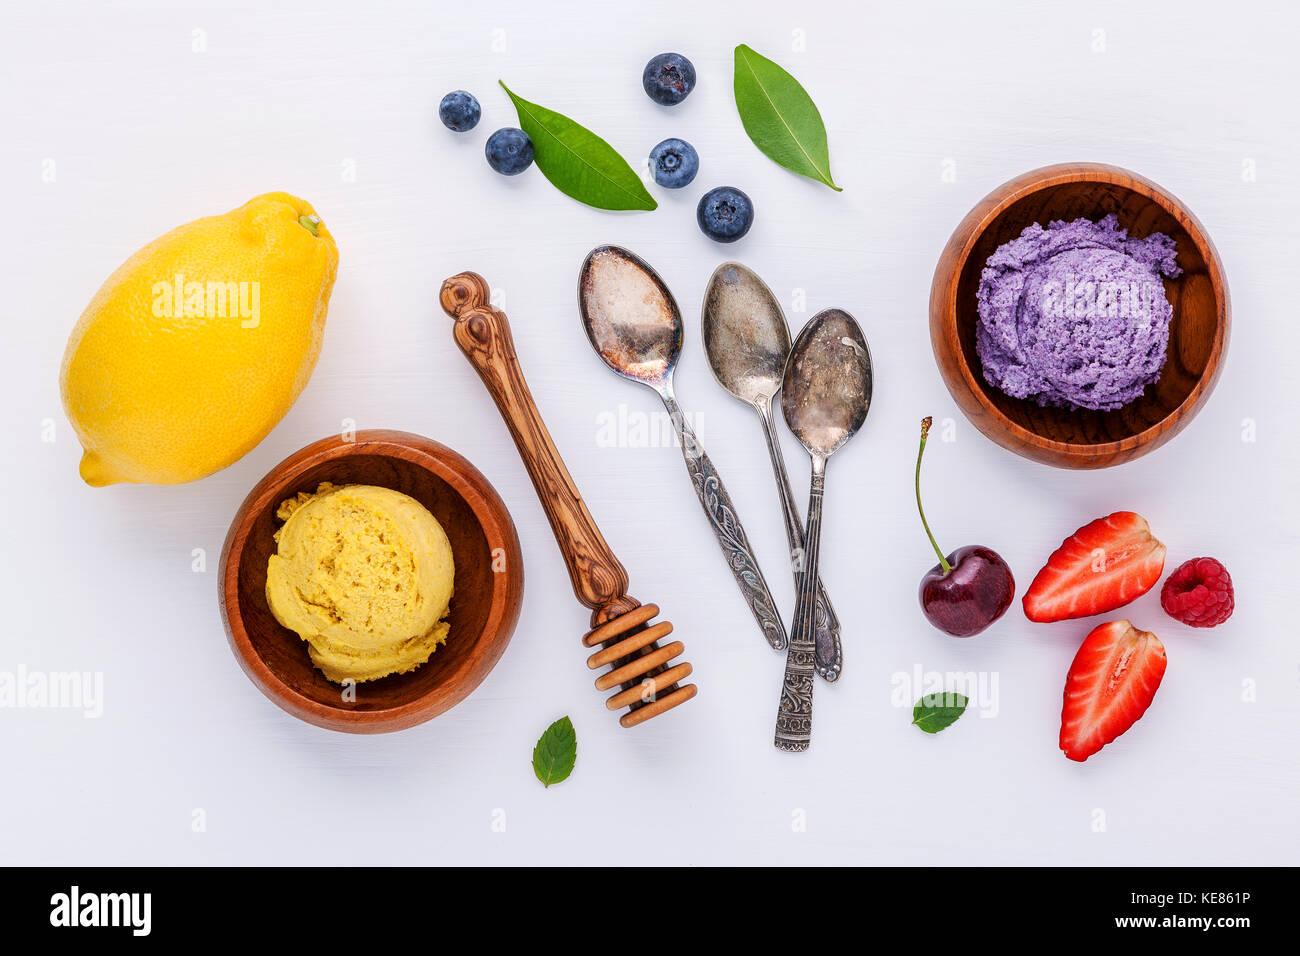 Lay piatto gelato con vari frutti ,Lampone Mirtillo ,fragola ,limone e ciliegia setup su sfondo bianco . Estate Immagini Stock